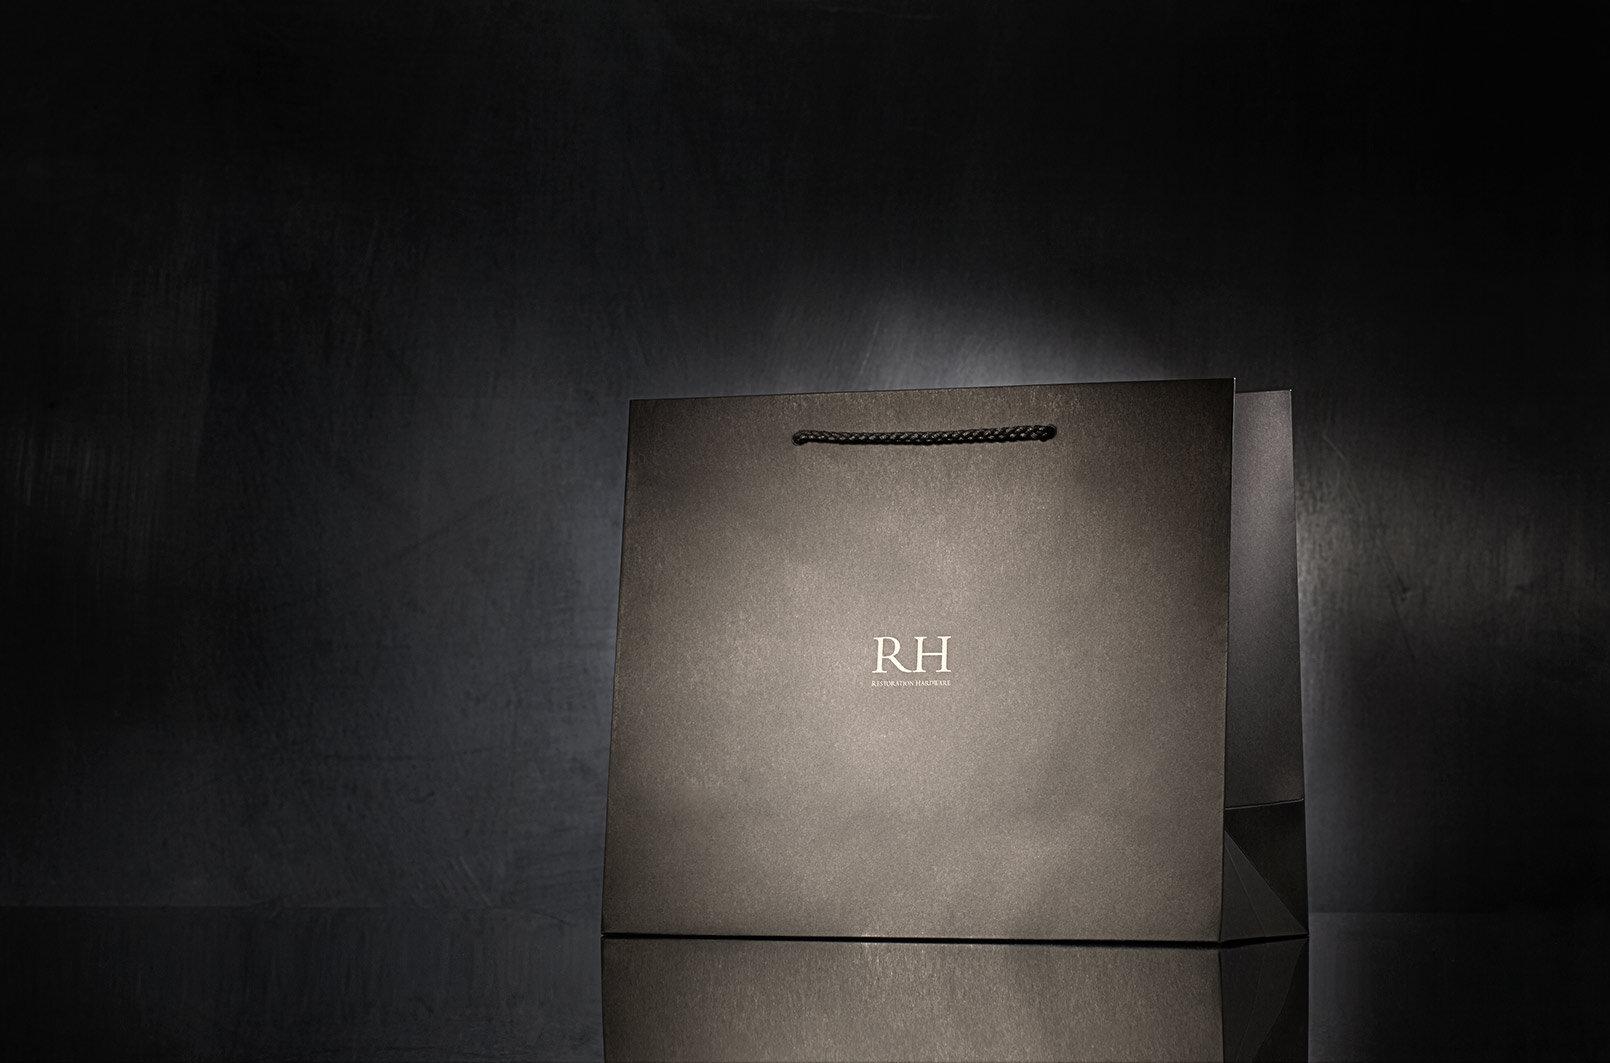 恢复 - 硬件购物袋设计 - 包装公司-1.1.jpg